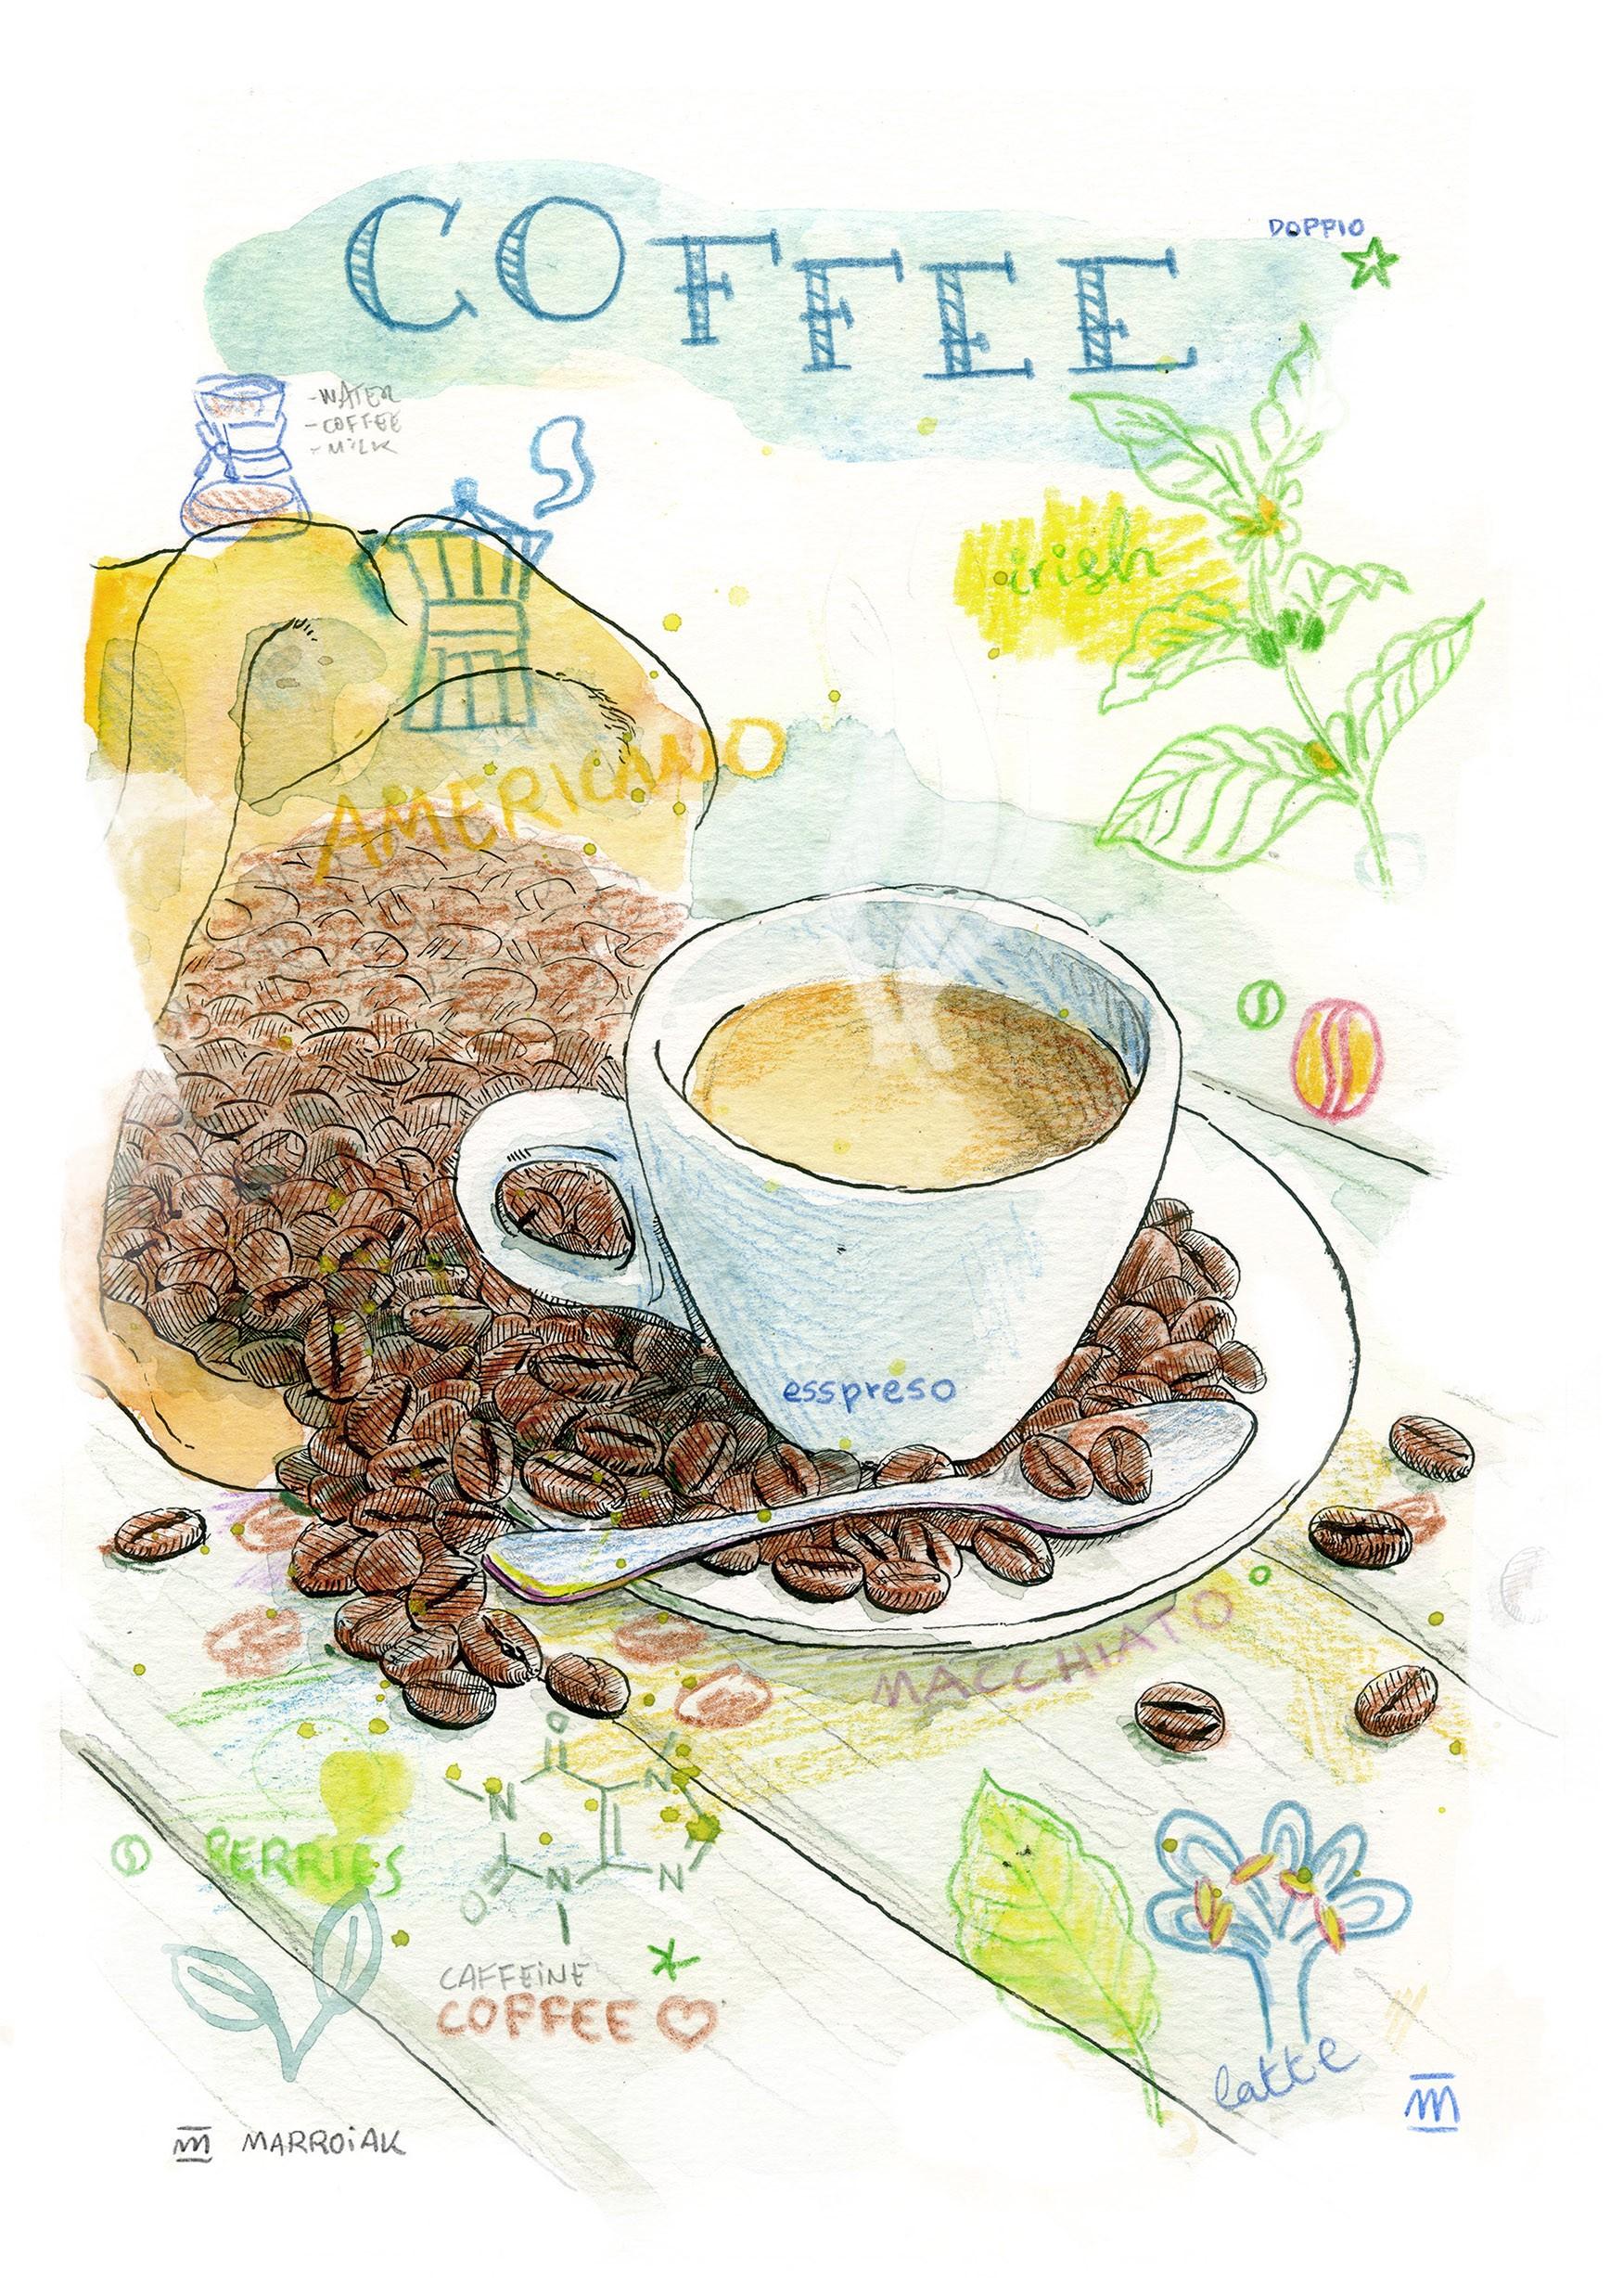 Dibujo con una taza de café expreso para la decoración de pared de cocinas, bares y restaurantes. Arte cafeterías.